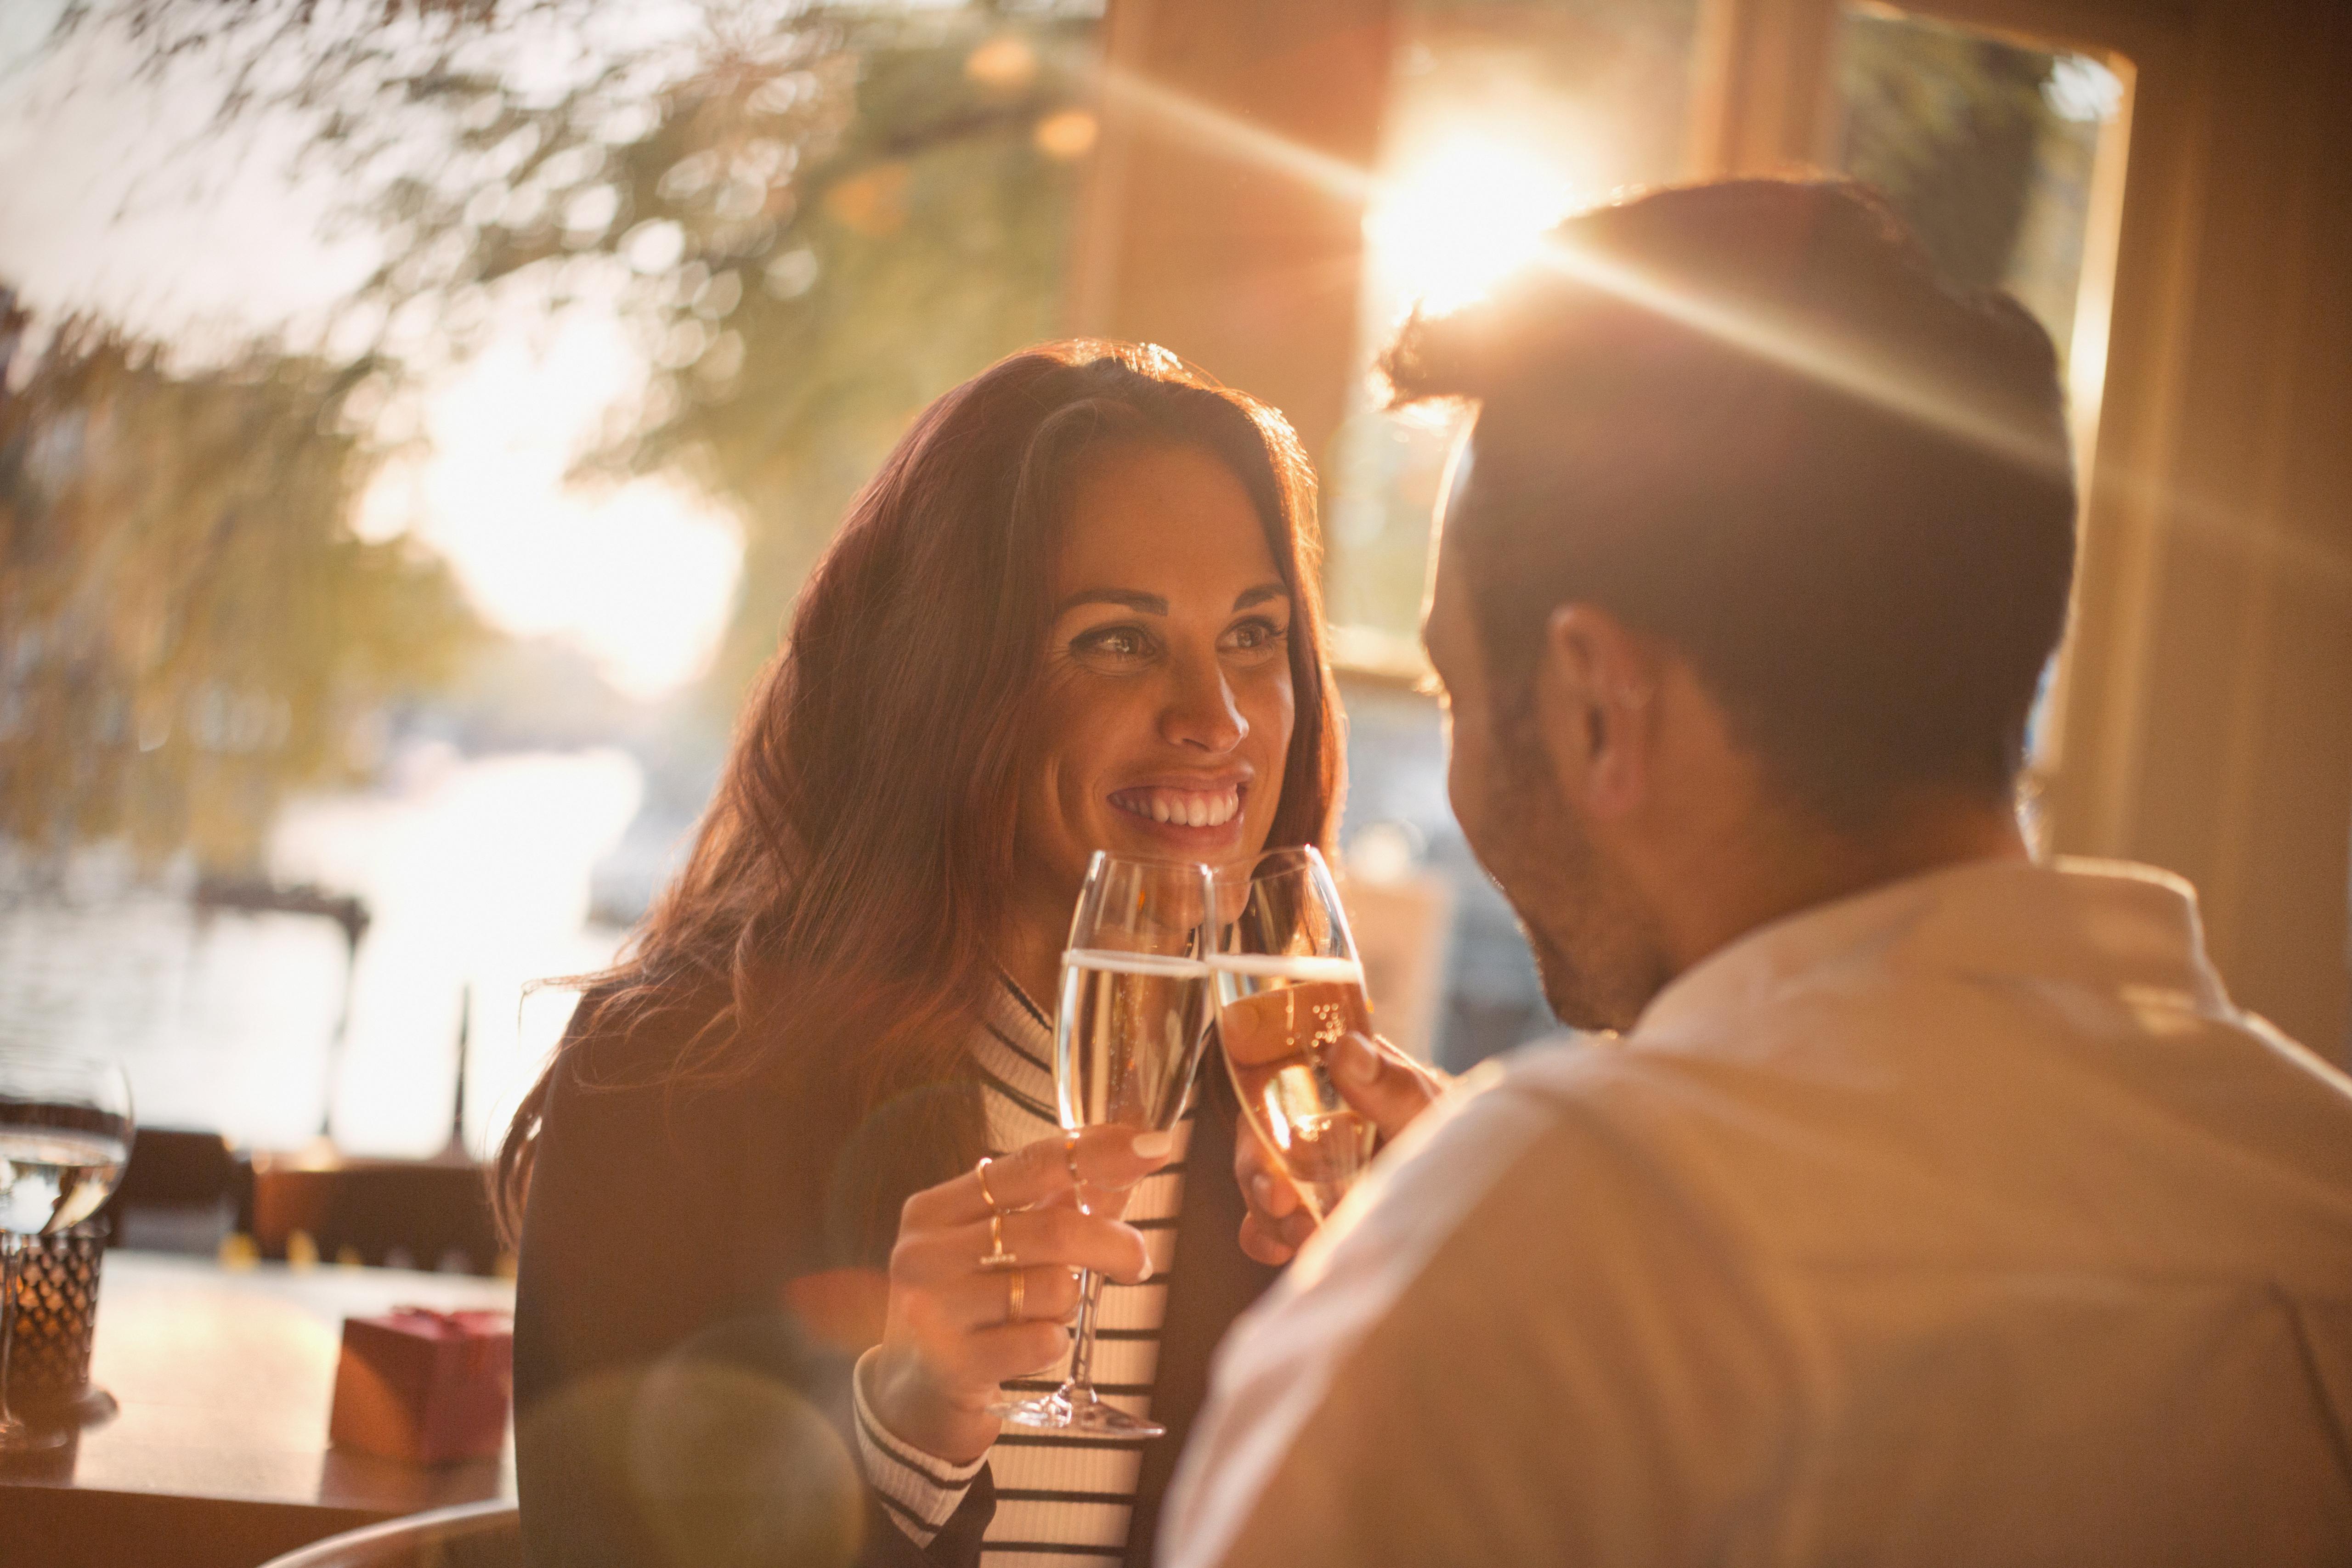 jak to udělat tipy pro randění